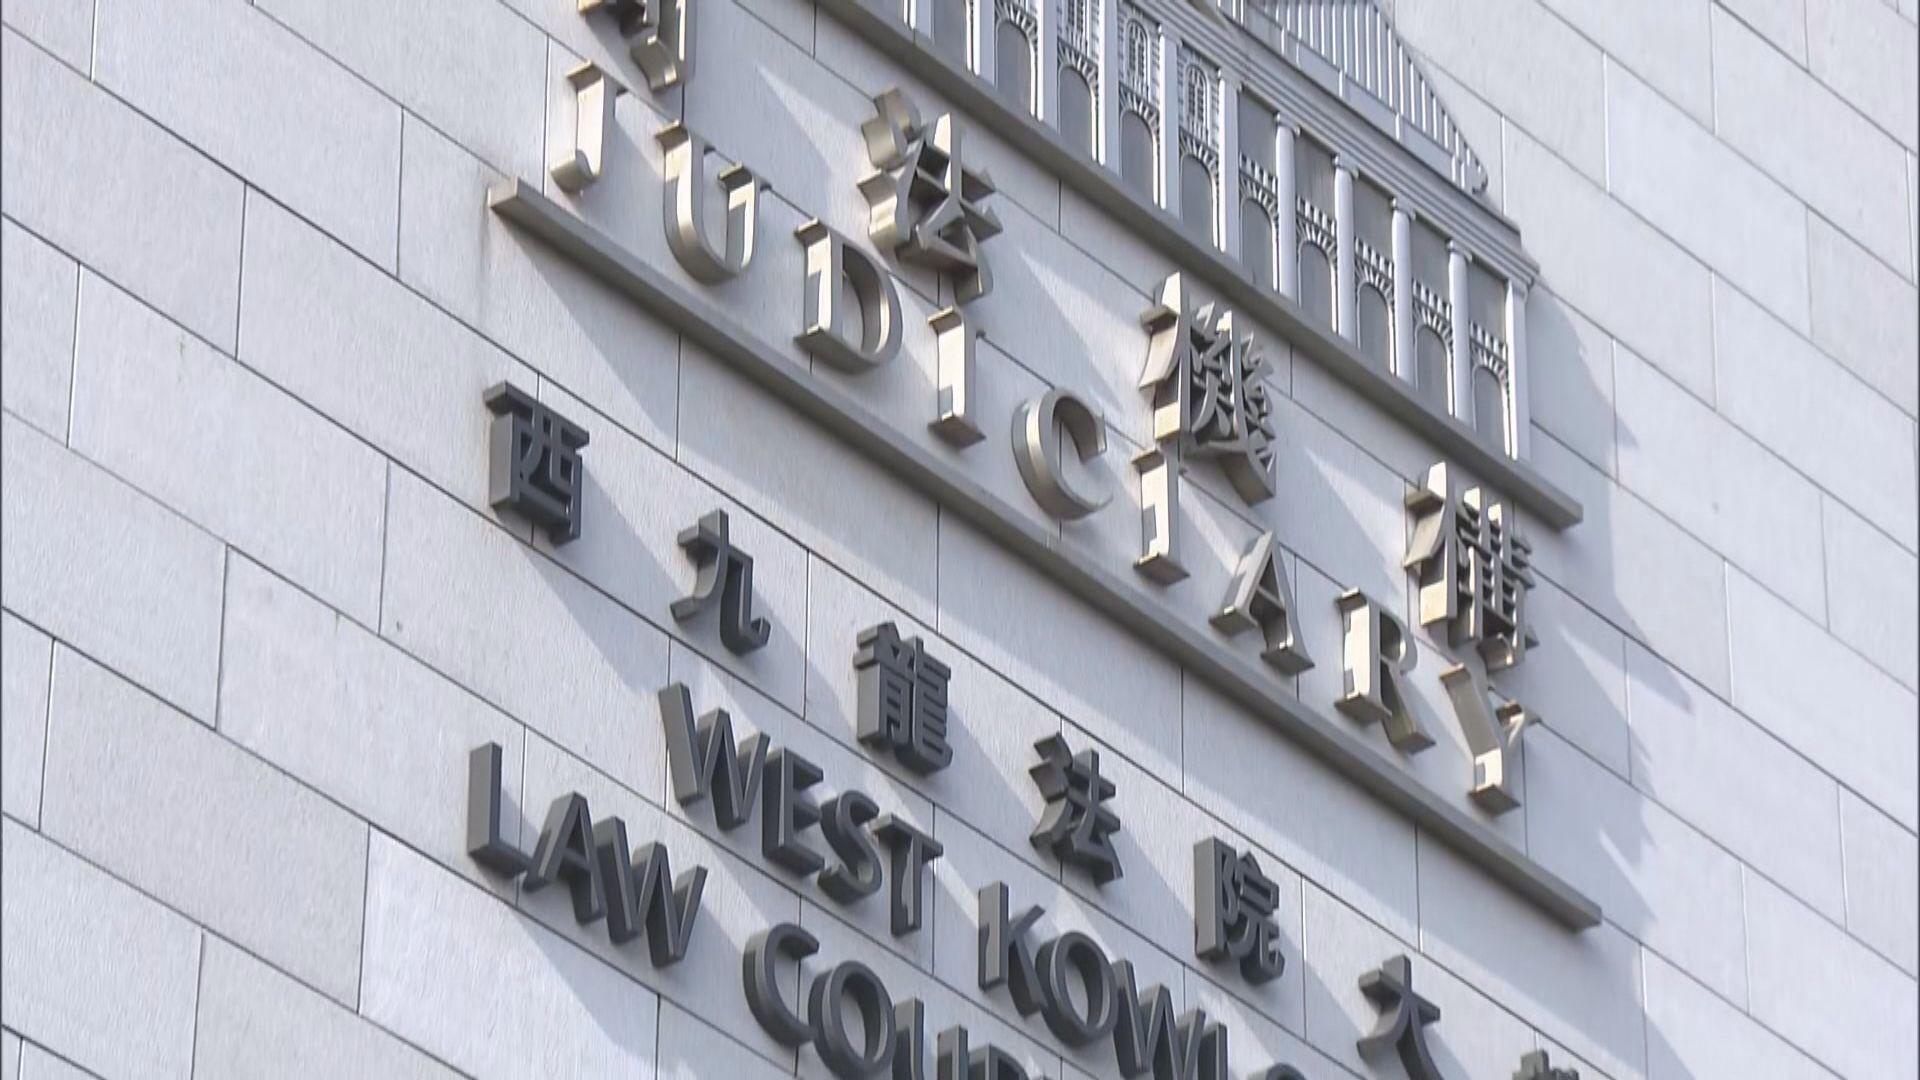 民主派初選案 吳政亨放棄保釋申請但保留覆核保釋權利